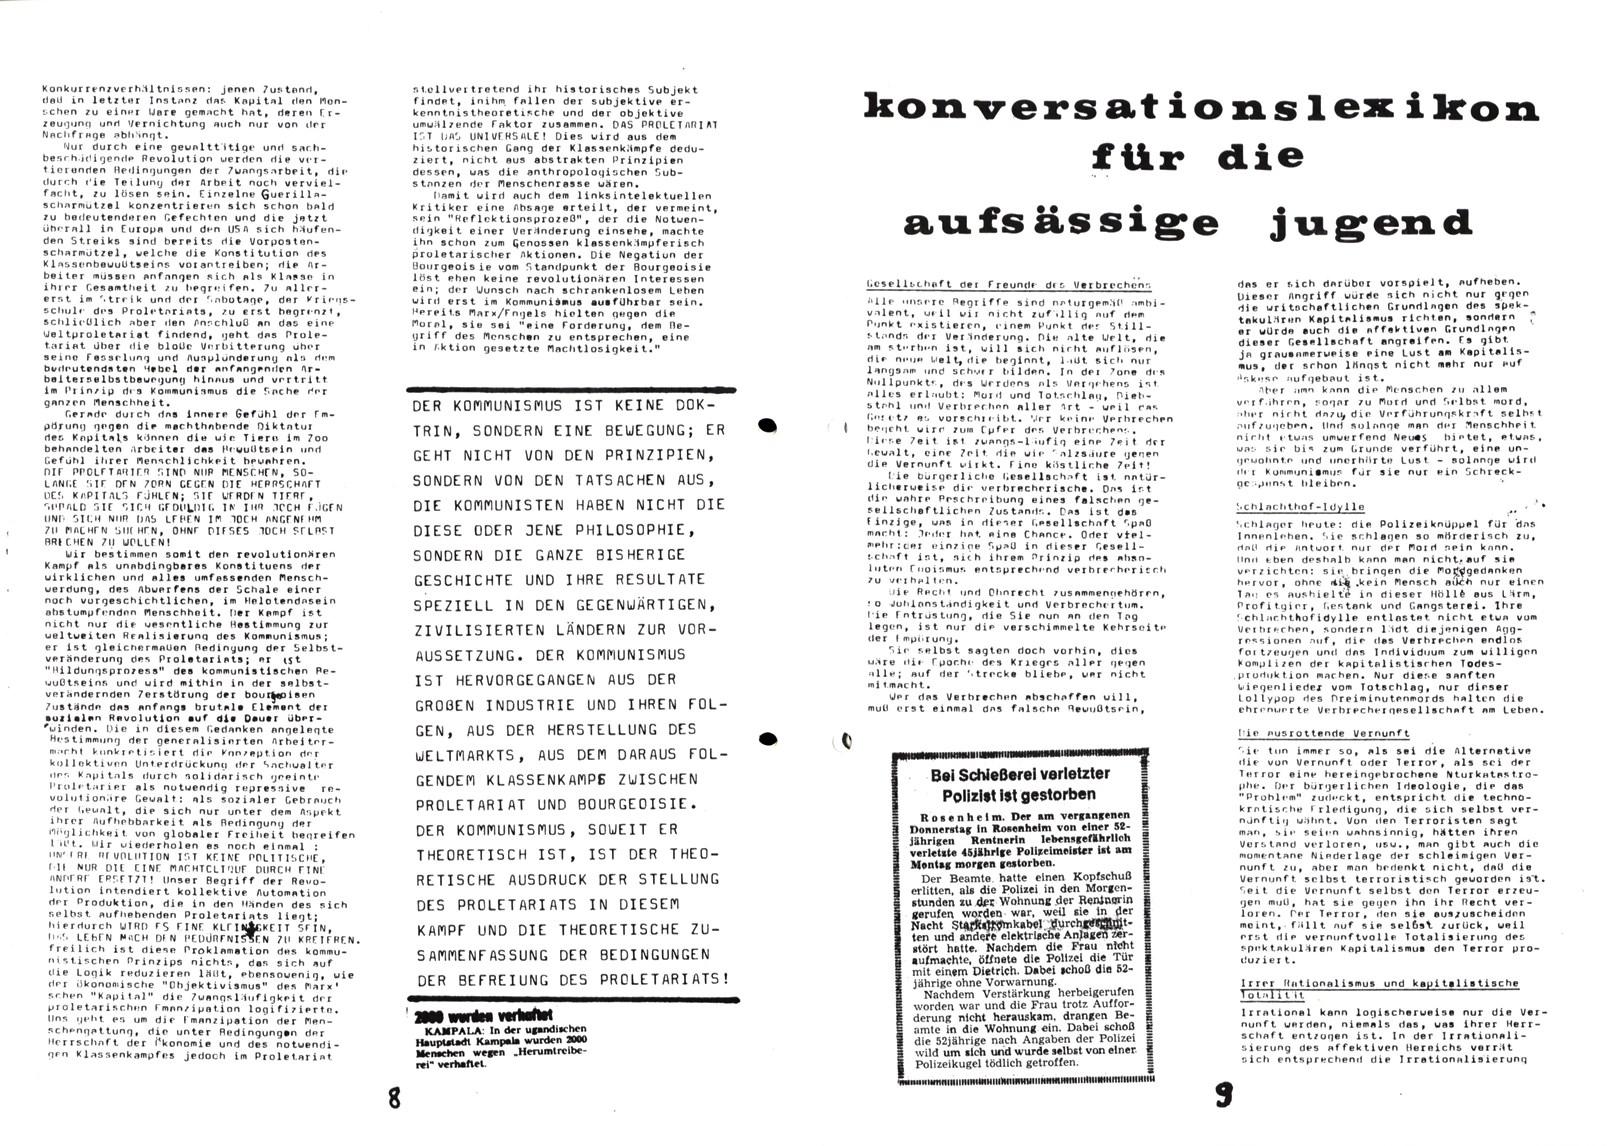 Subversion_19820600_05